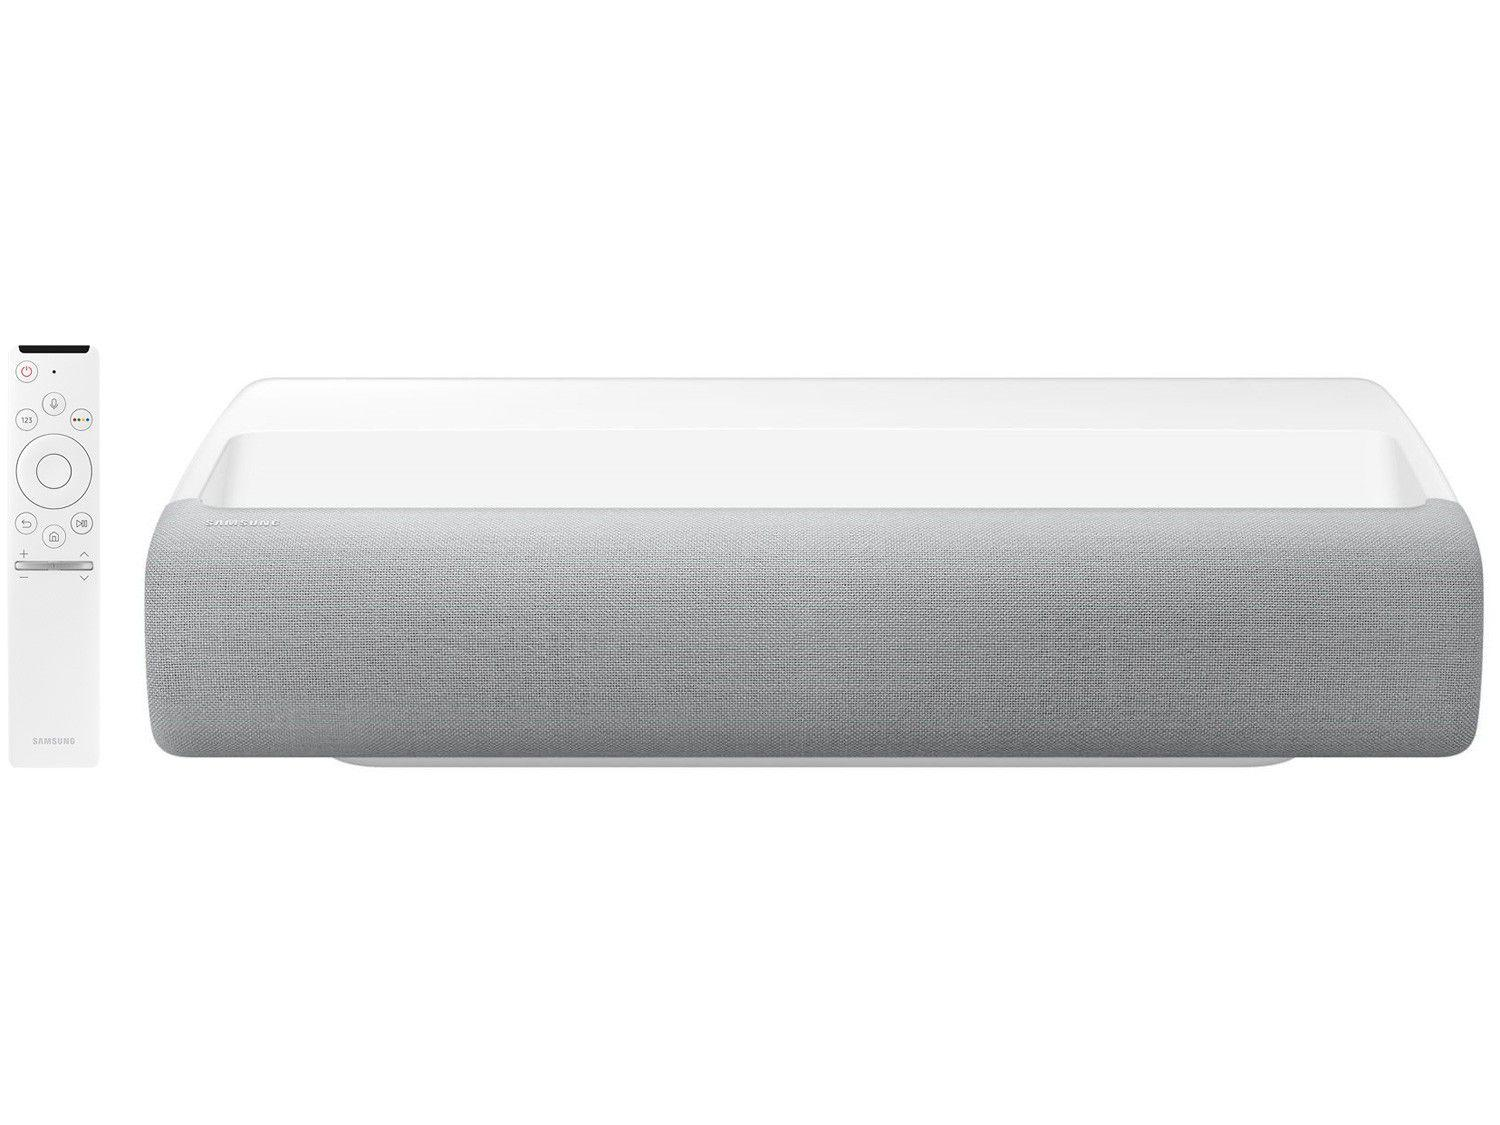 Projetor Smart Samsung SP-LSP7TGAXZD 4K - UHD 4K 2200 Lumens DLP Wi-Fi e Bluetooth HDMI